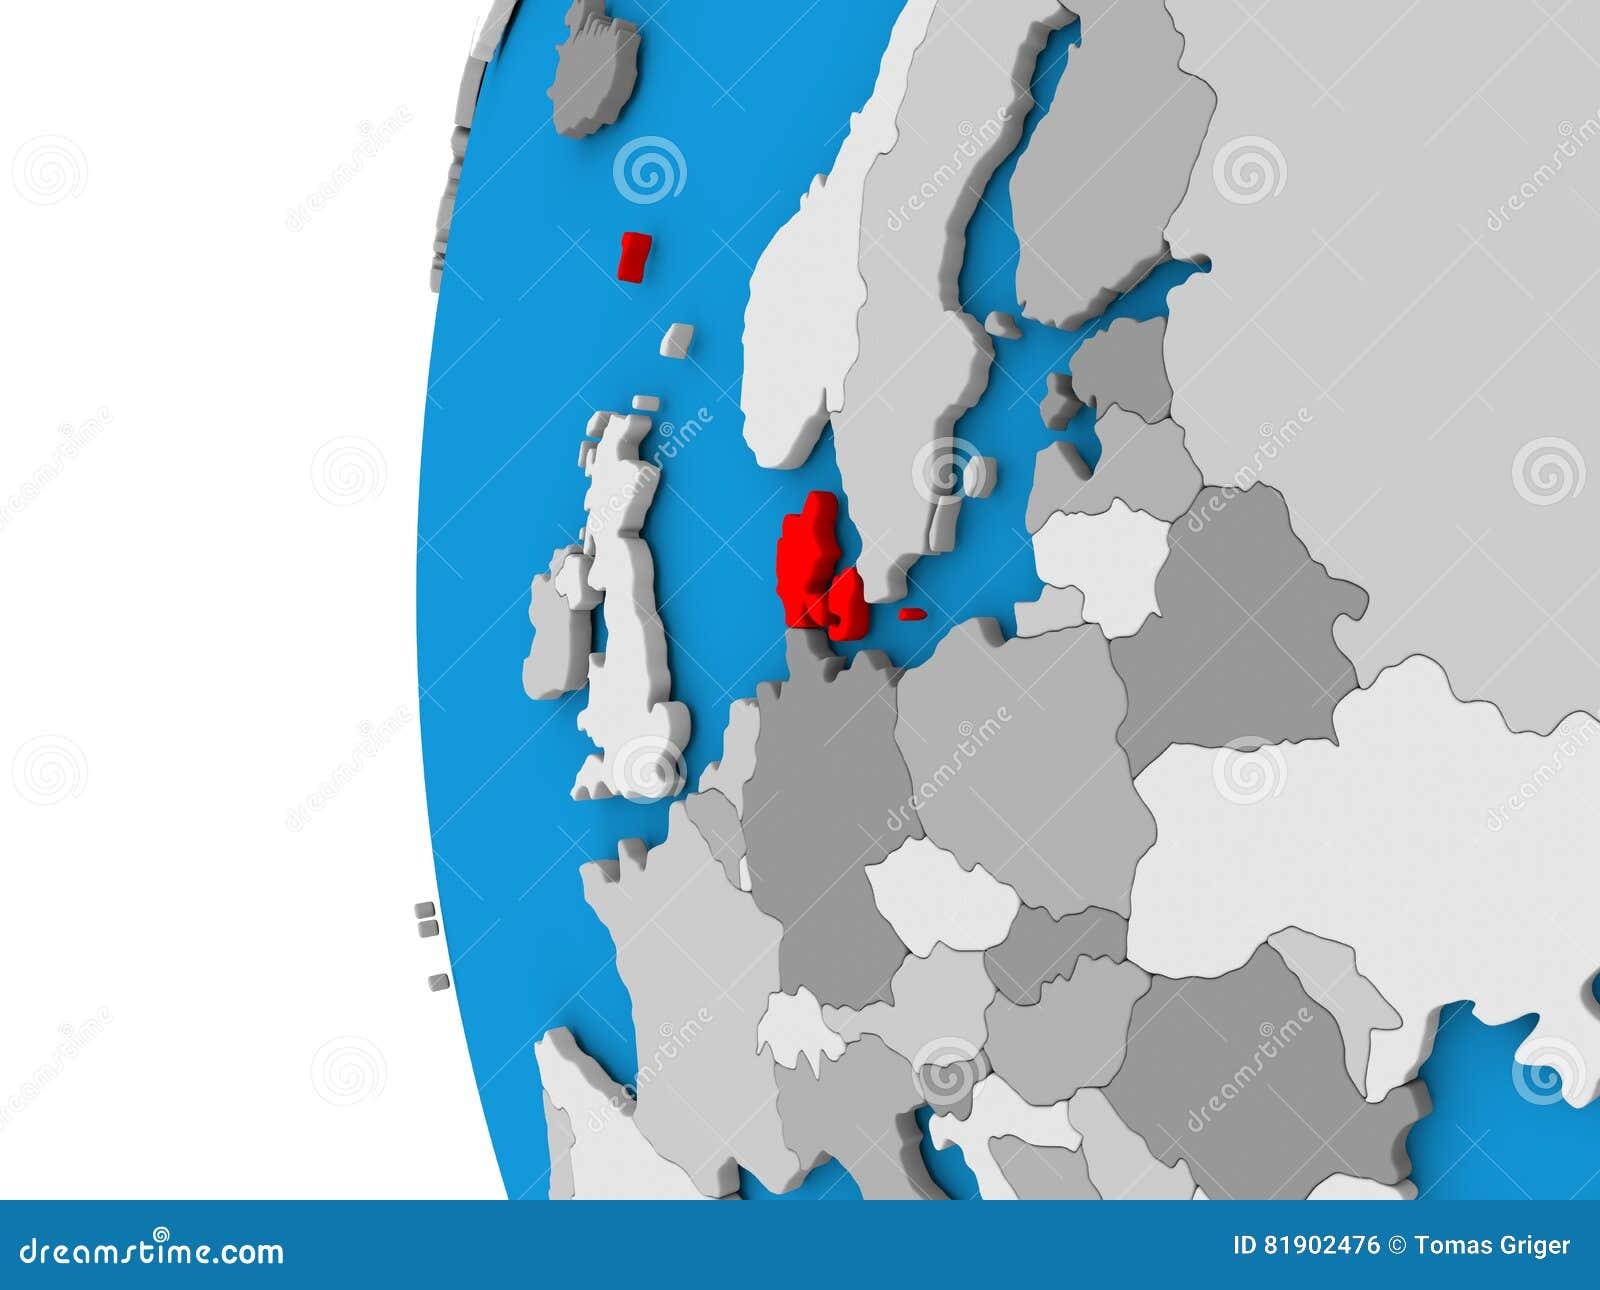 denmark on globe in red stock illustration image of national